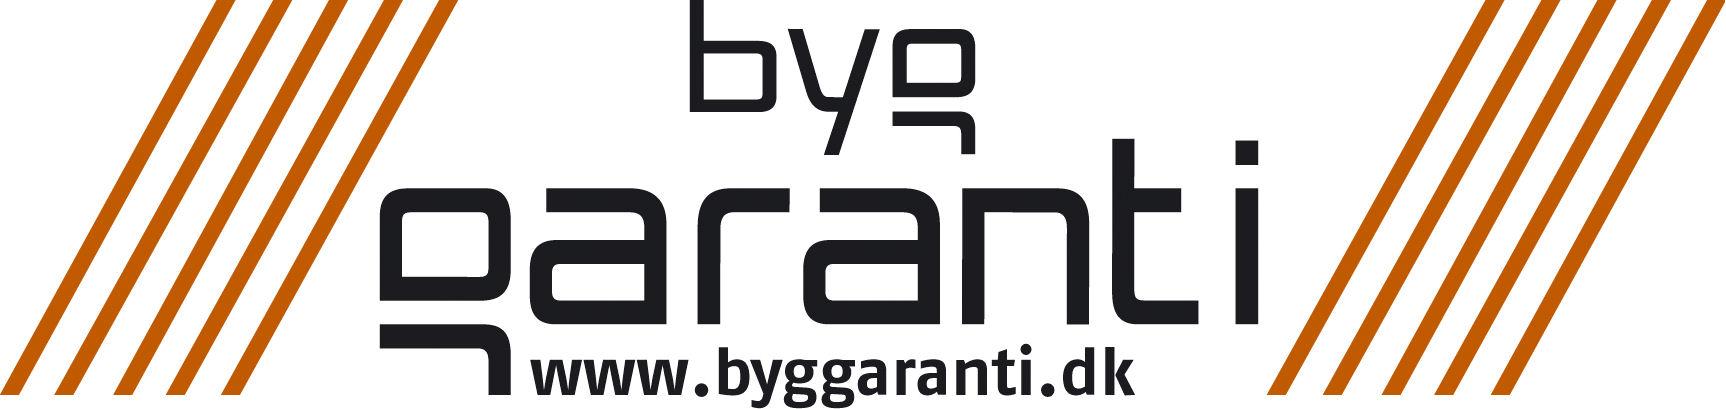 Medlem Byggaranti